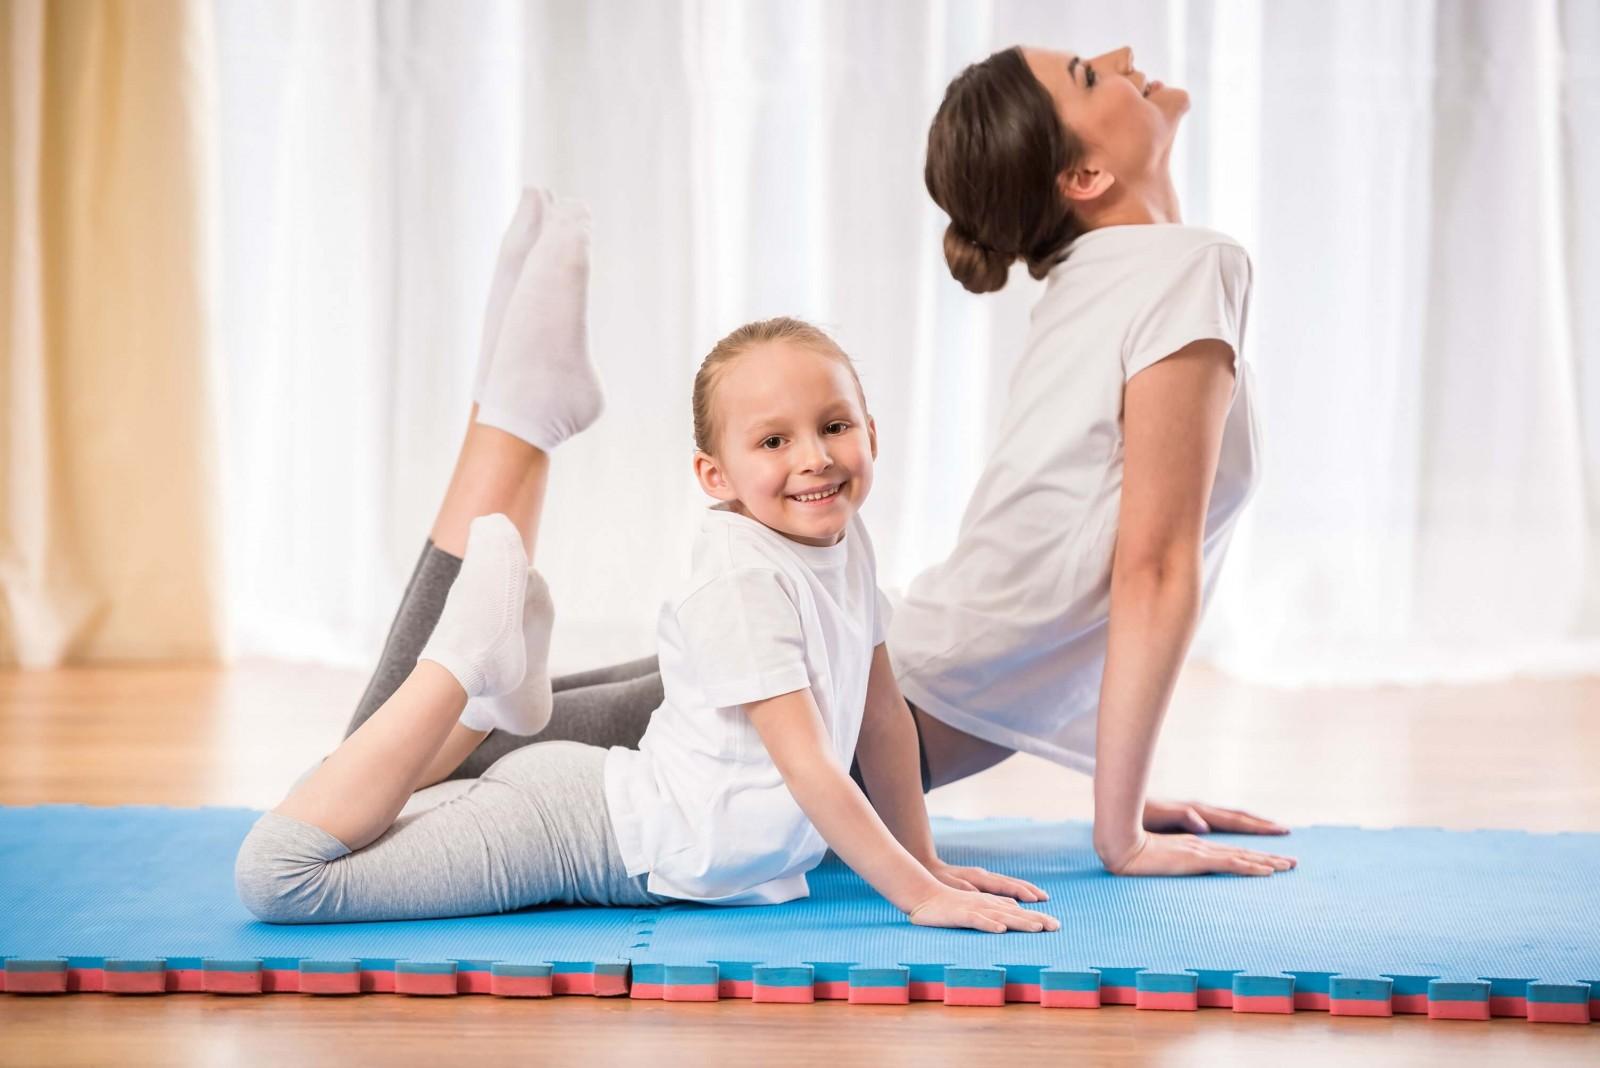 Йога для детей - в чем польза?